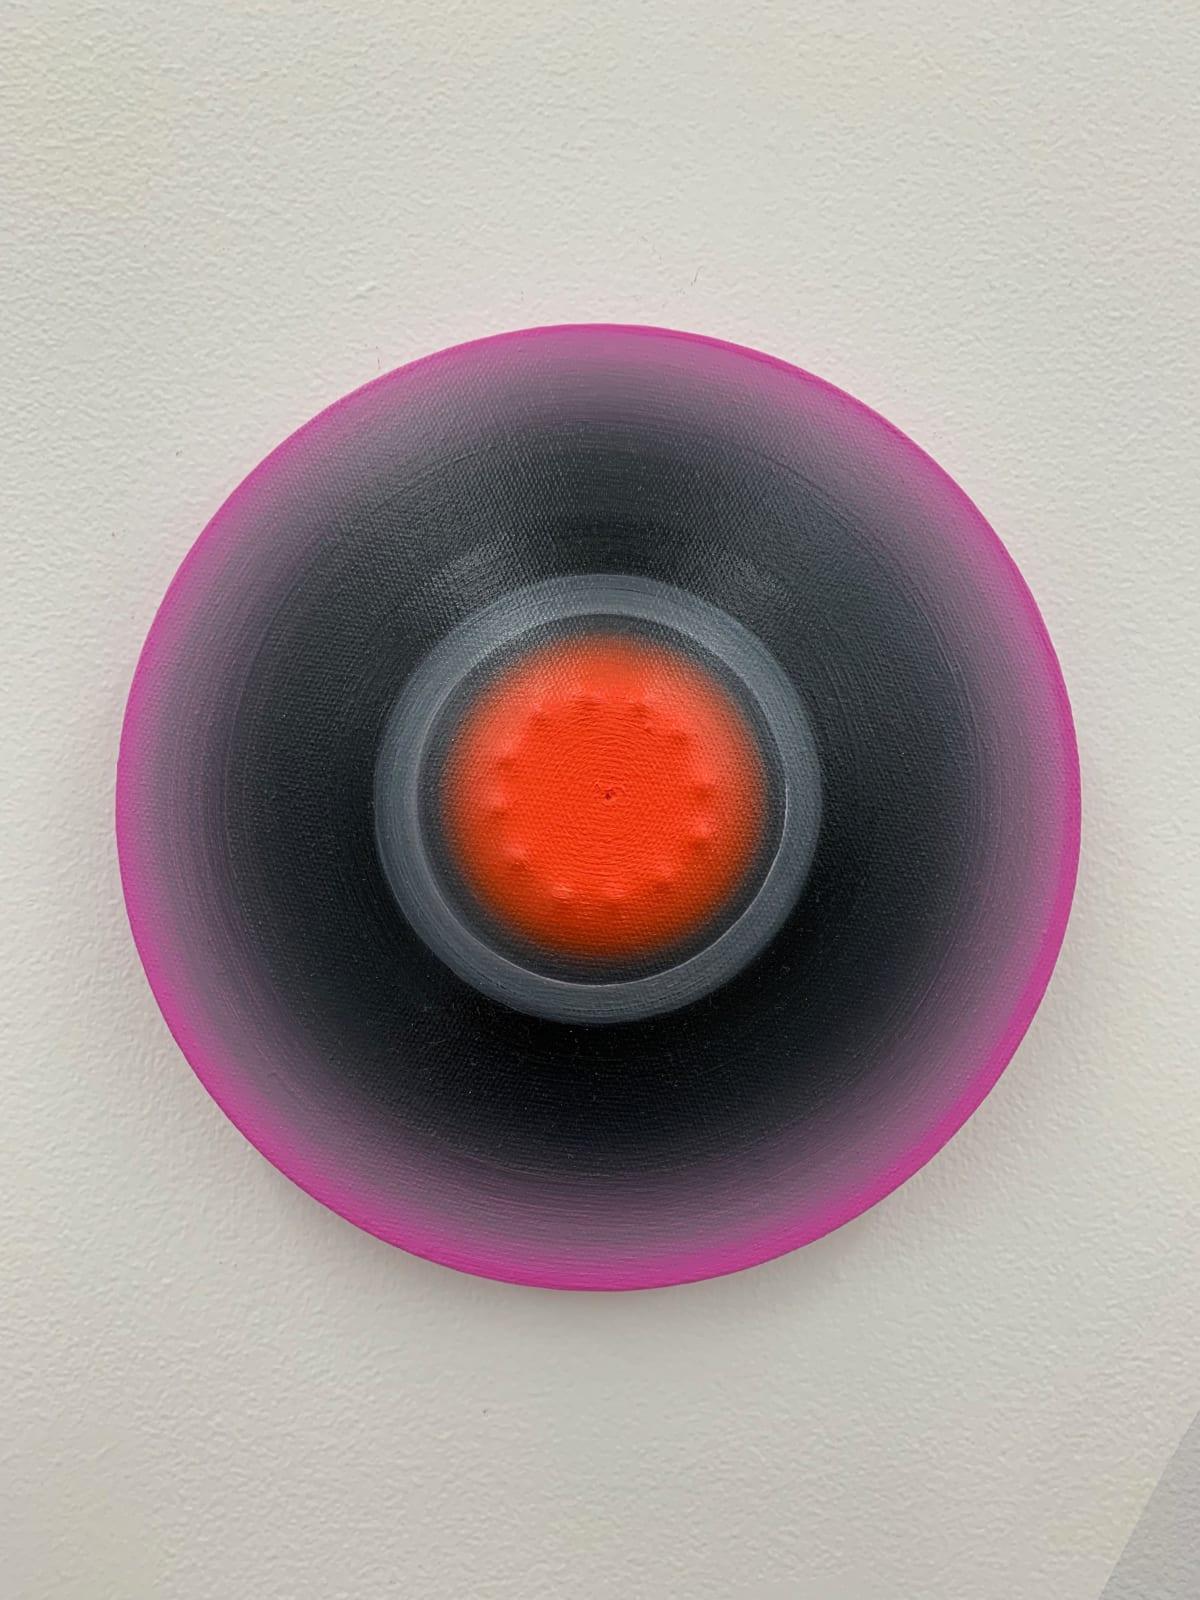 Marion Borgelt Luminous Void: Piece No 9, 2019 oil, canvas, timber, 3D element 22cm ø x 3.5cm